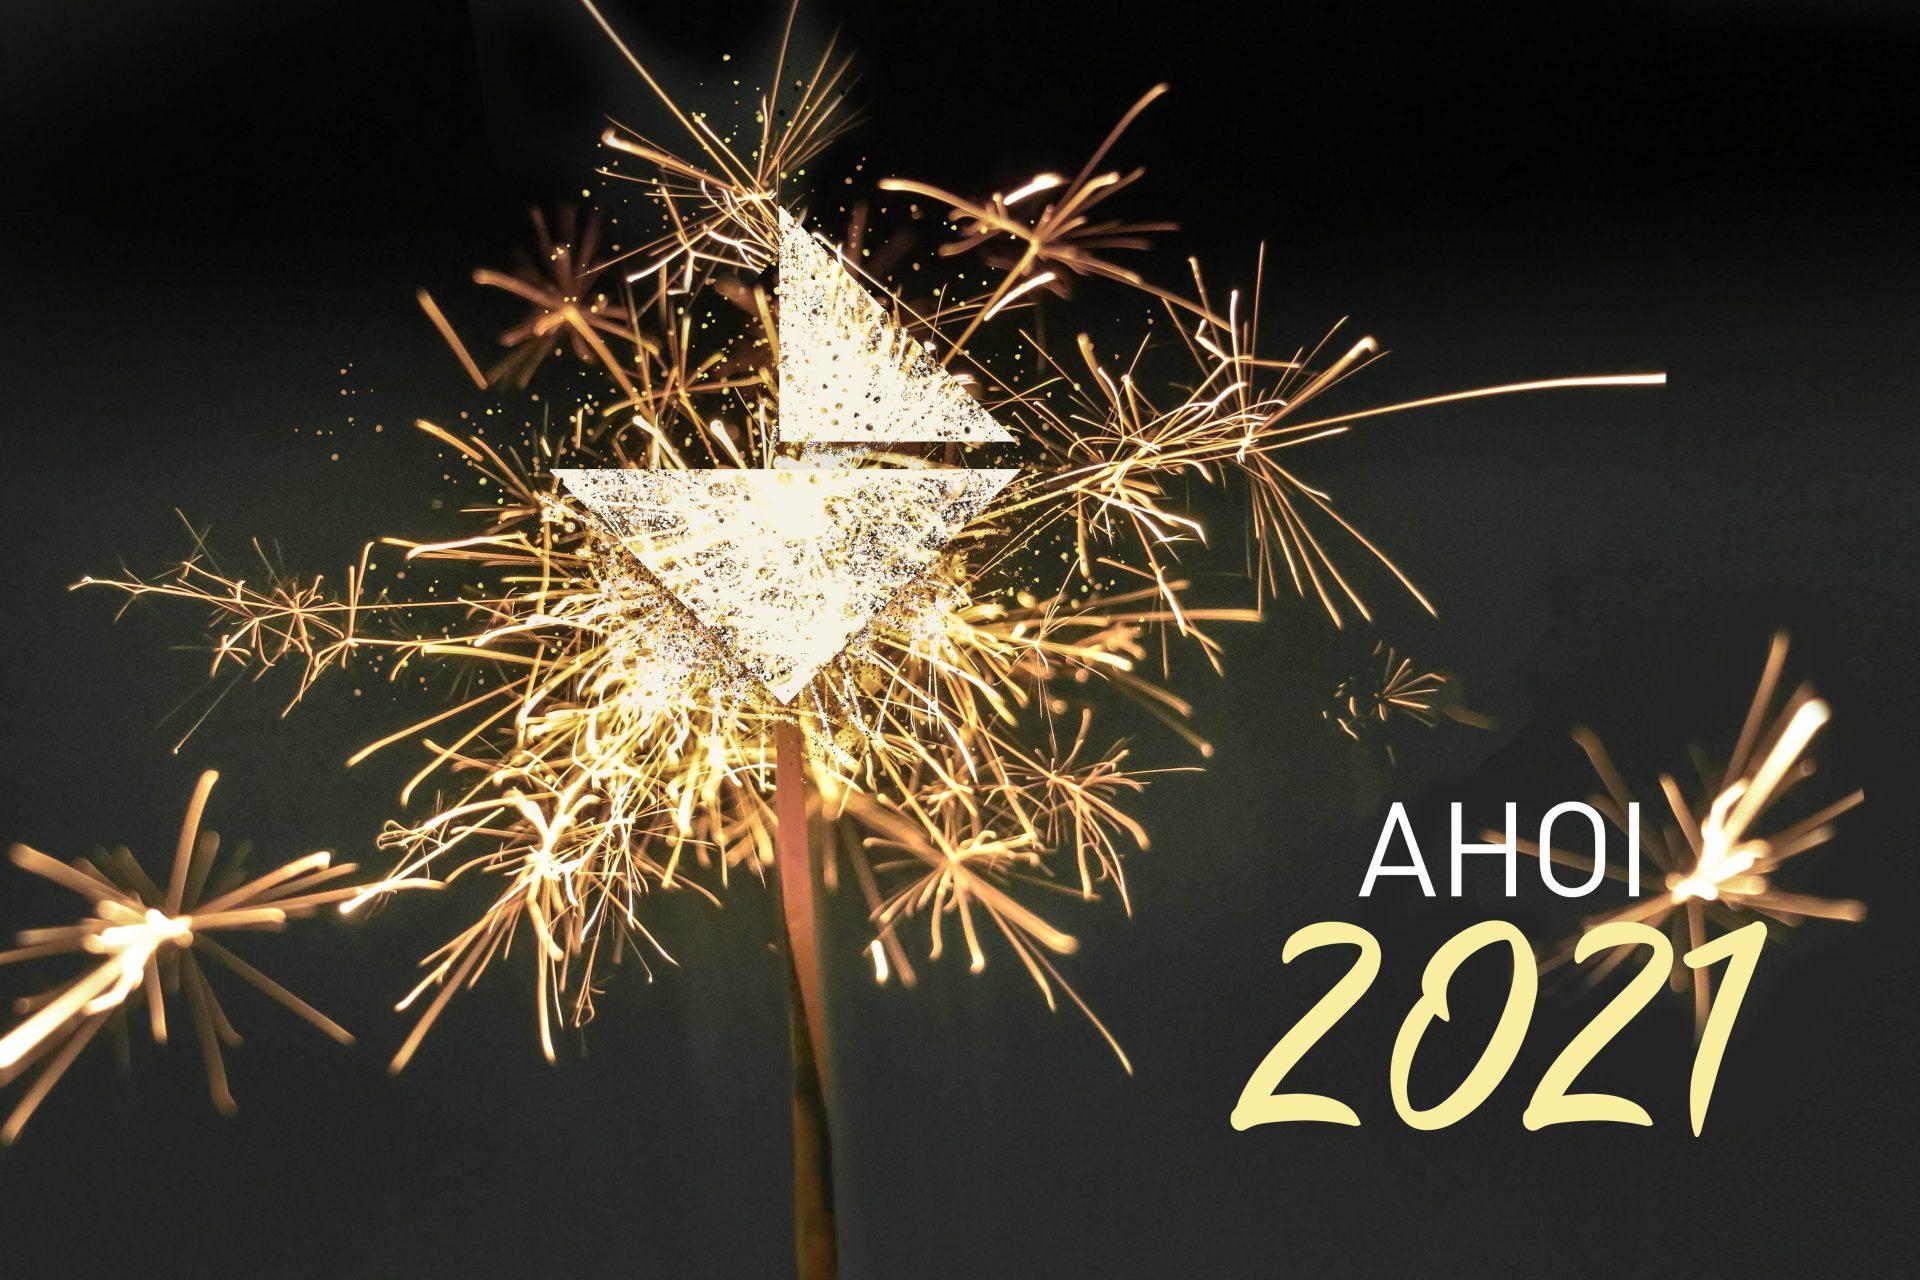 Ahoi 2021!